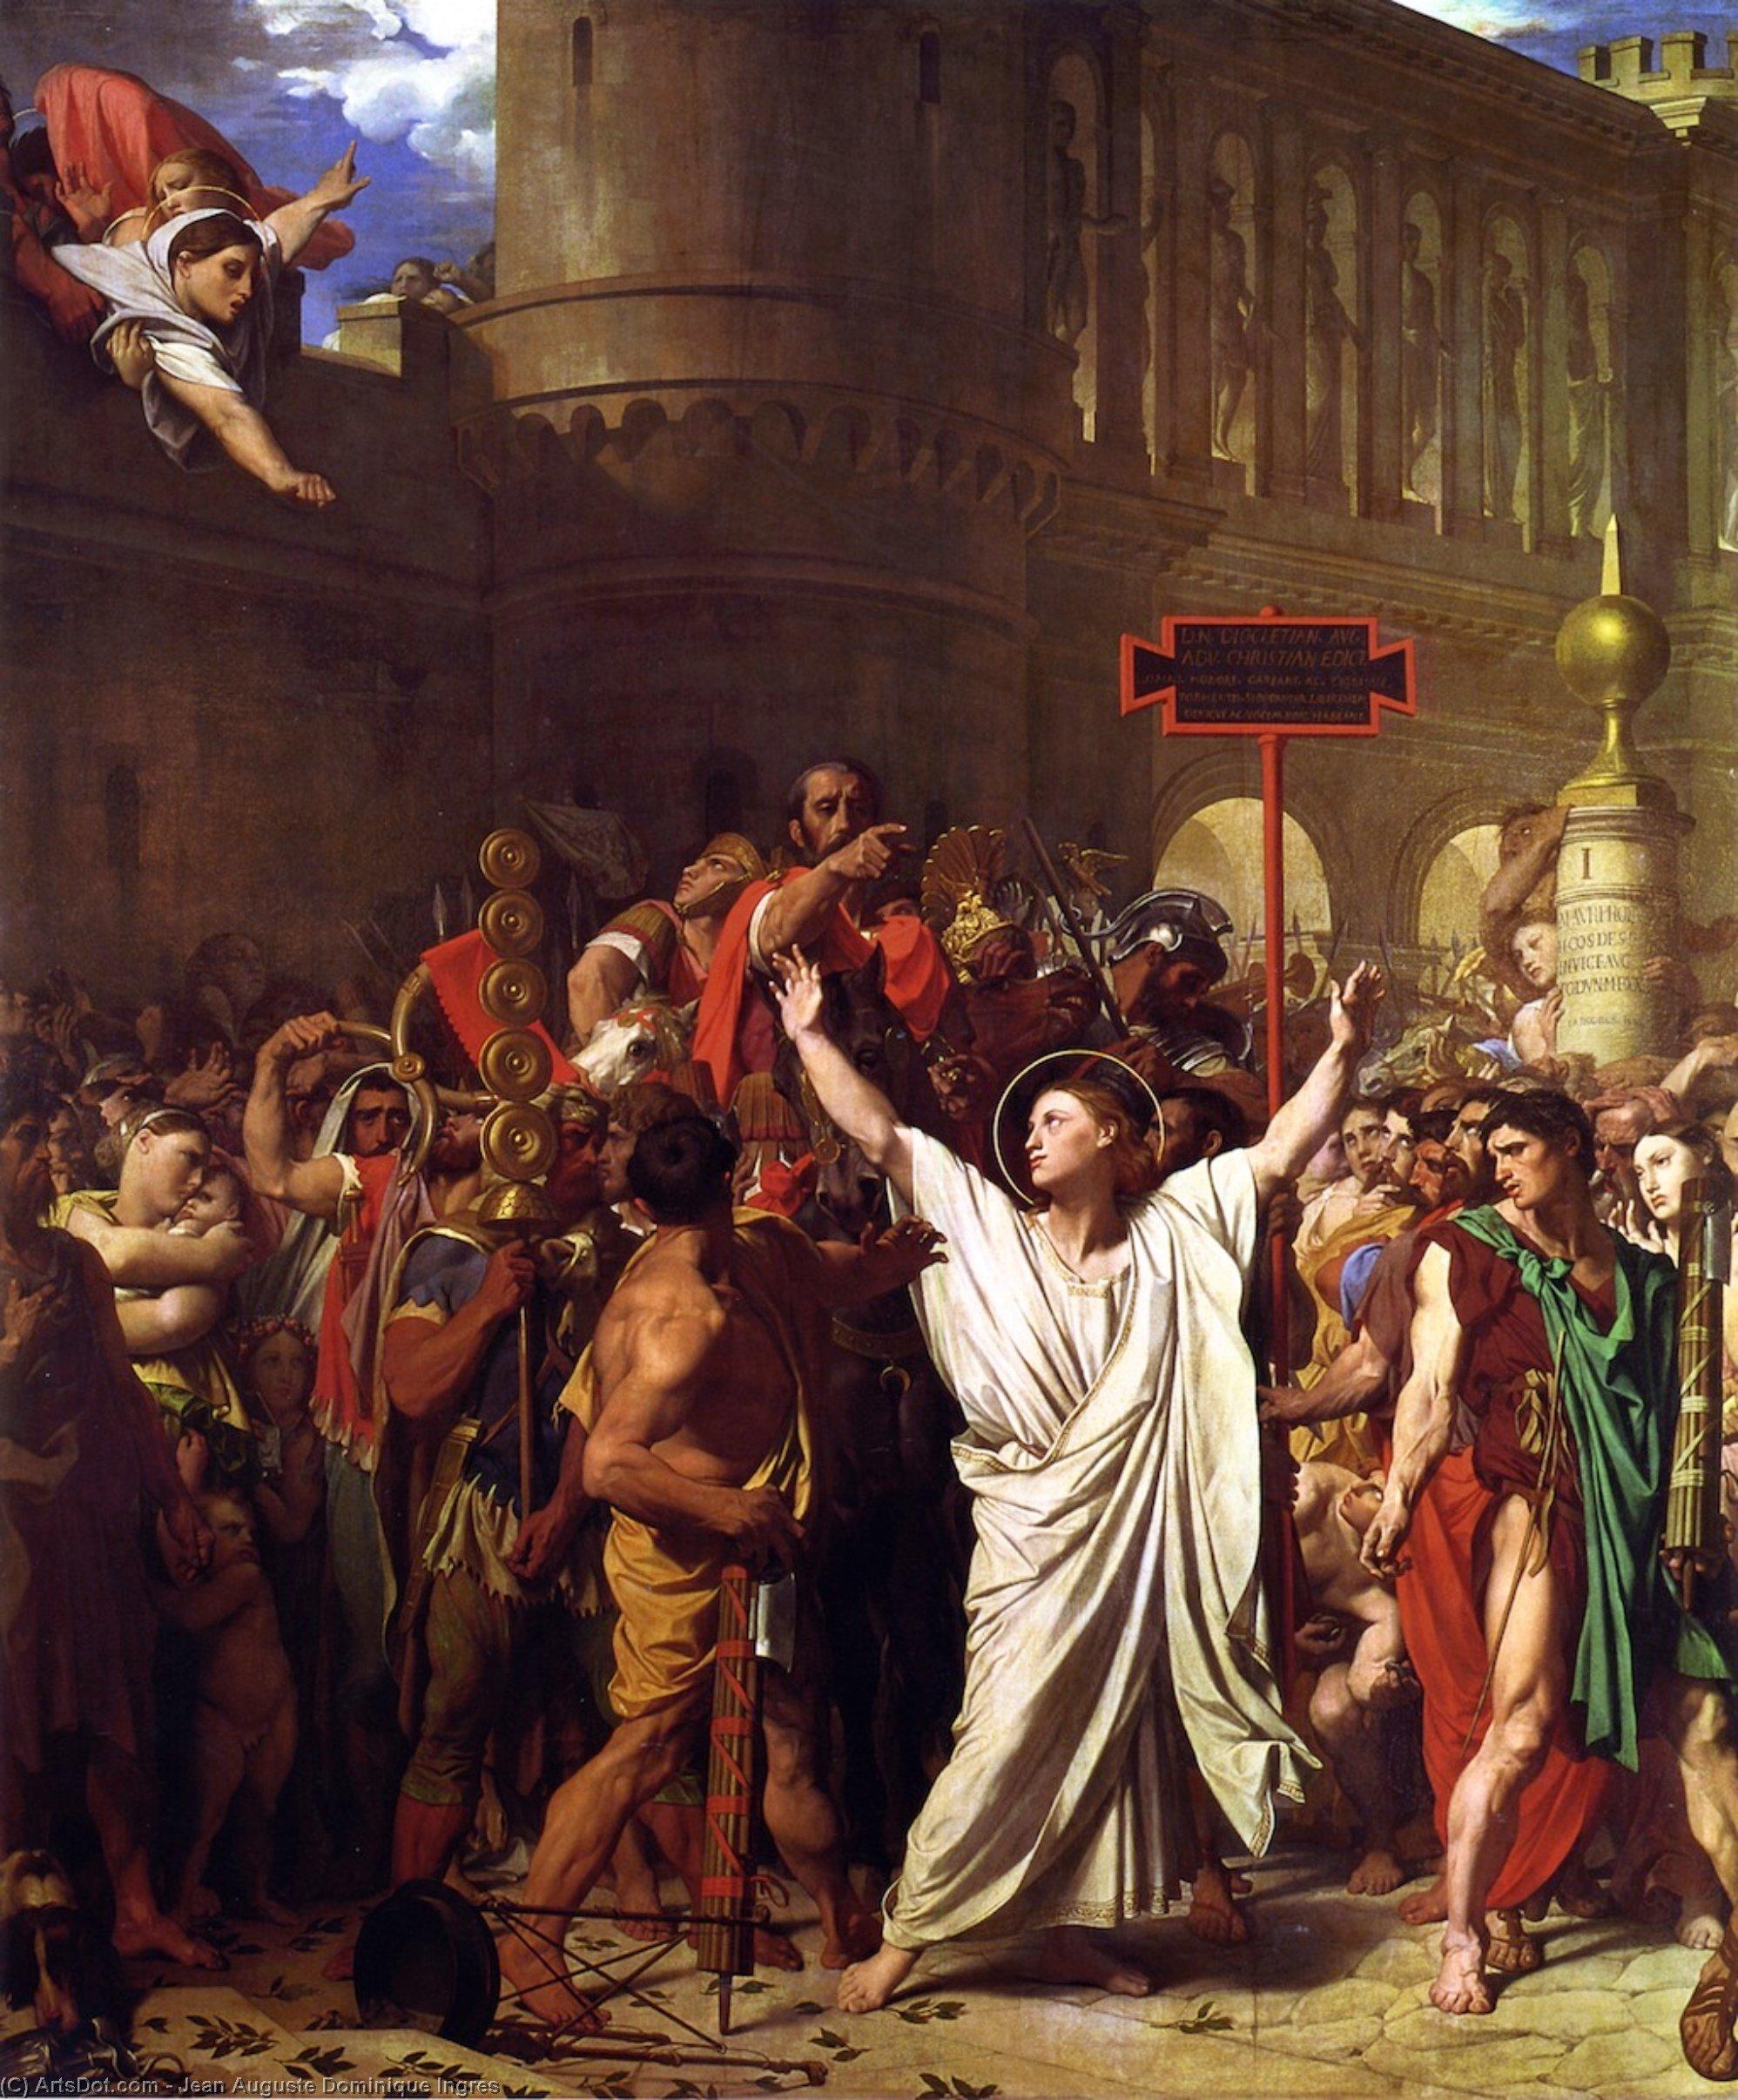 Figura 23 - J.-D.-A. Ingres. O martírio de são Sinforiano (1834). Autun, Catedral.